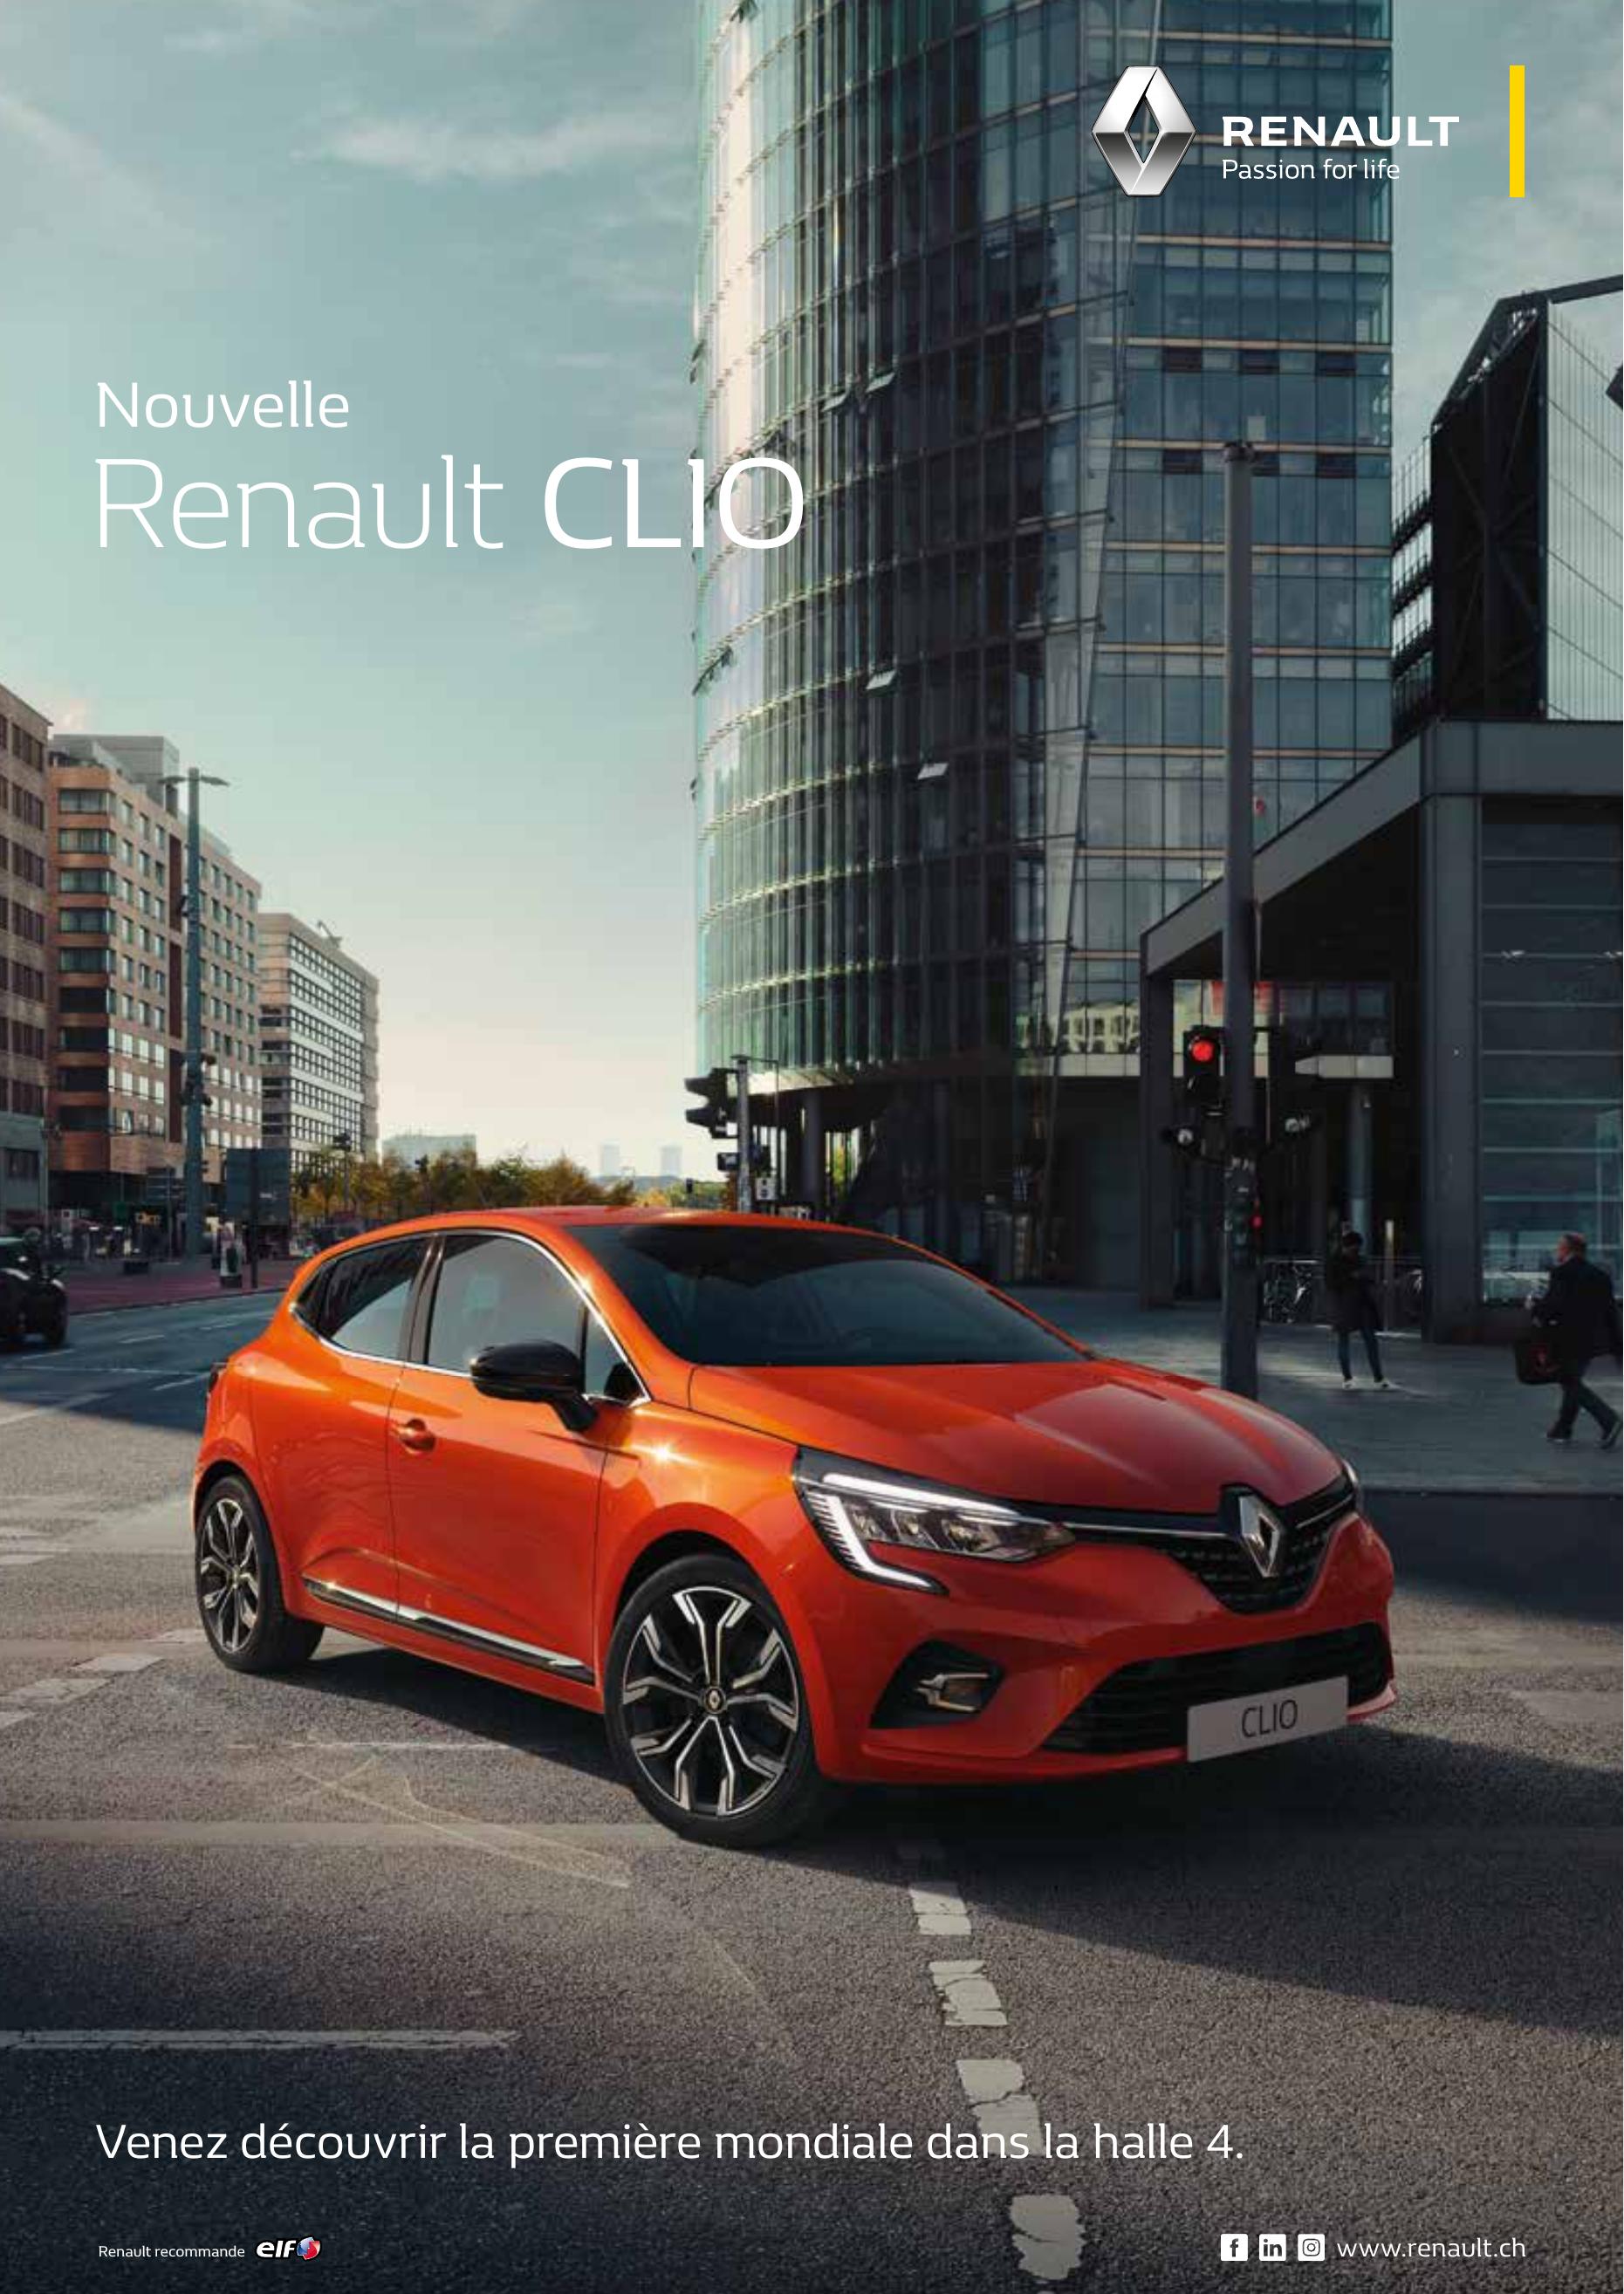 Renault Suisse SA